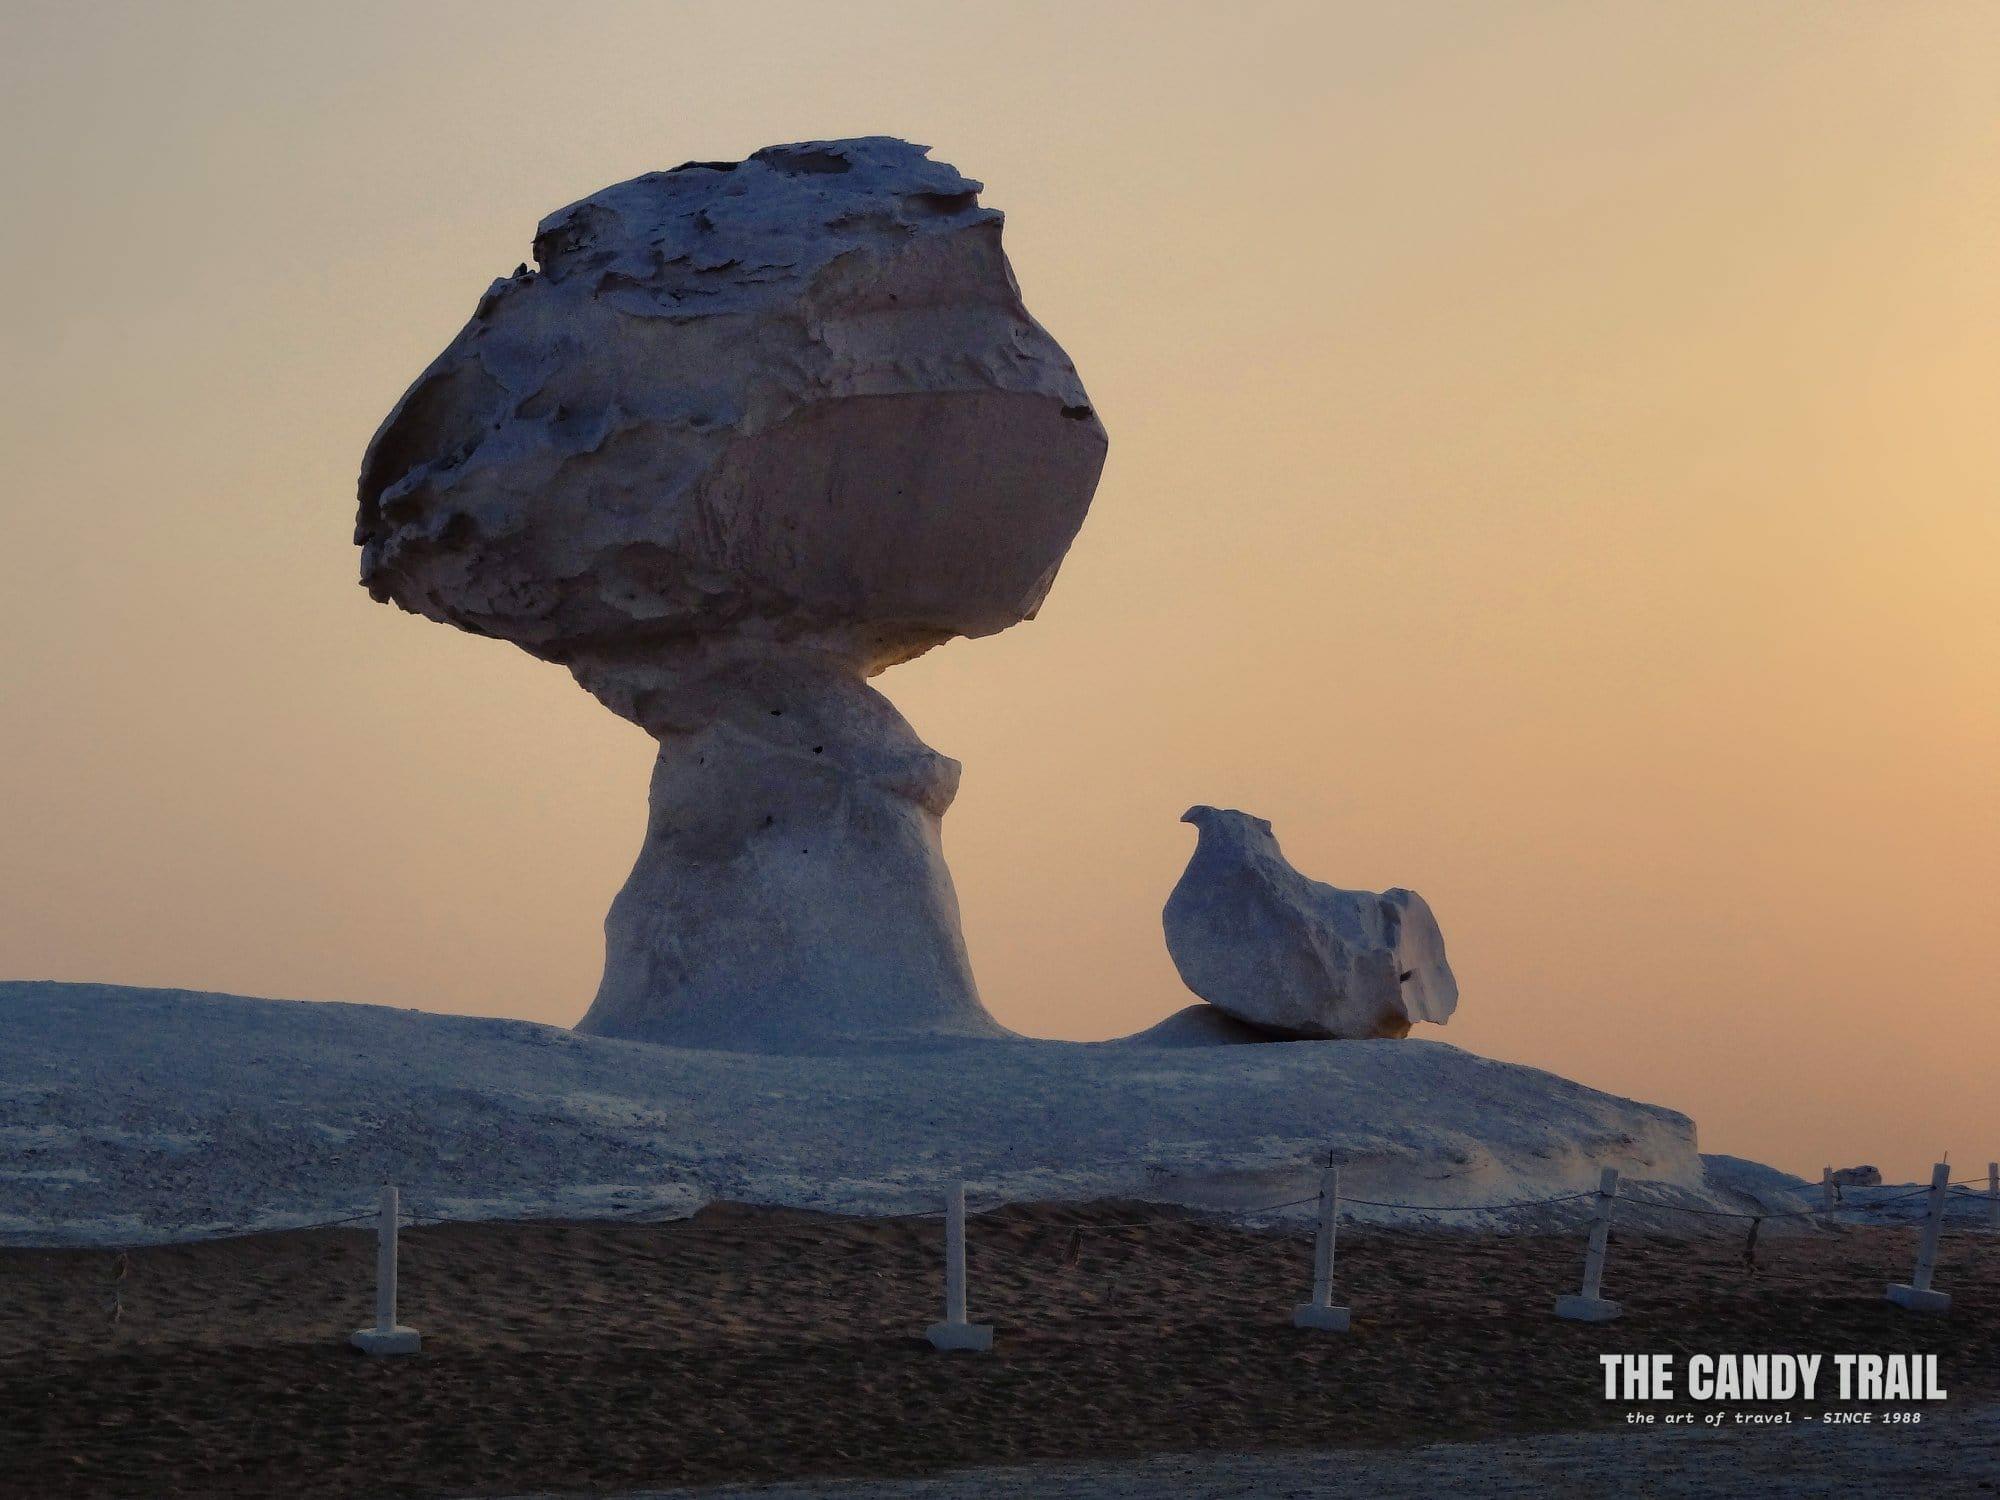 chicken shaped rock white desert egypt